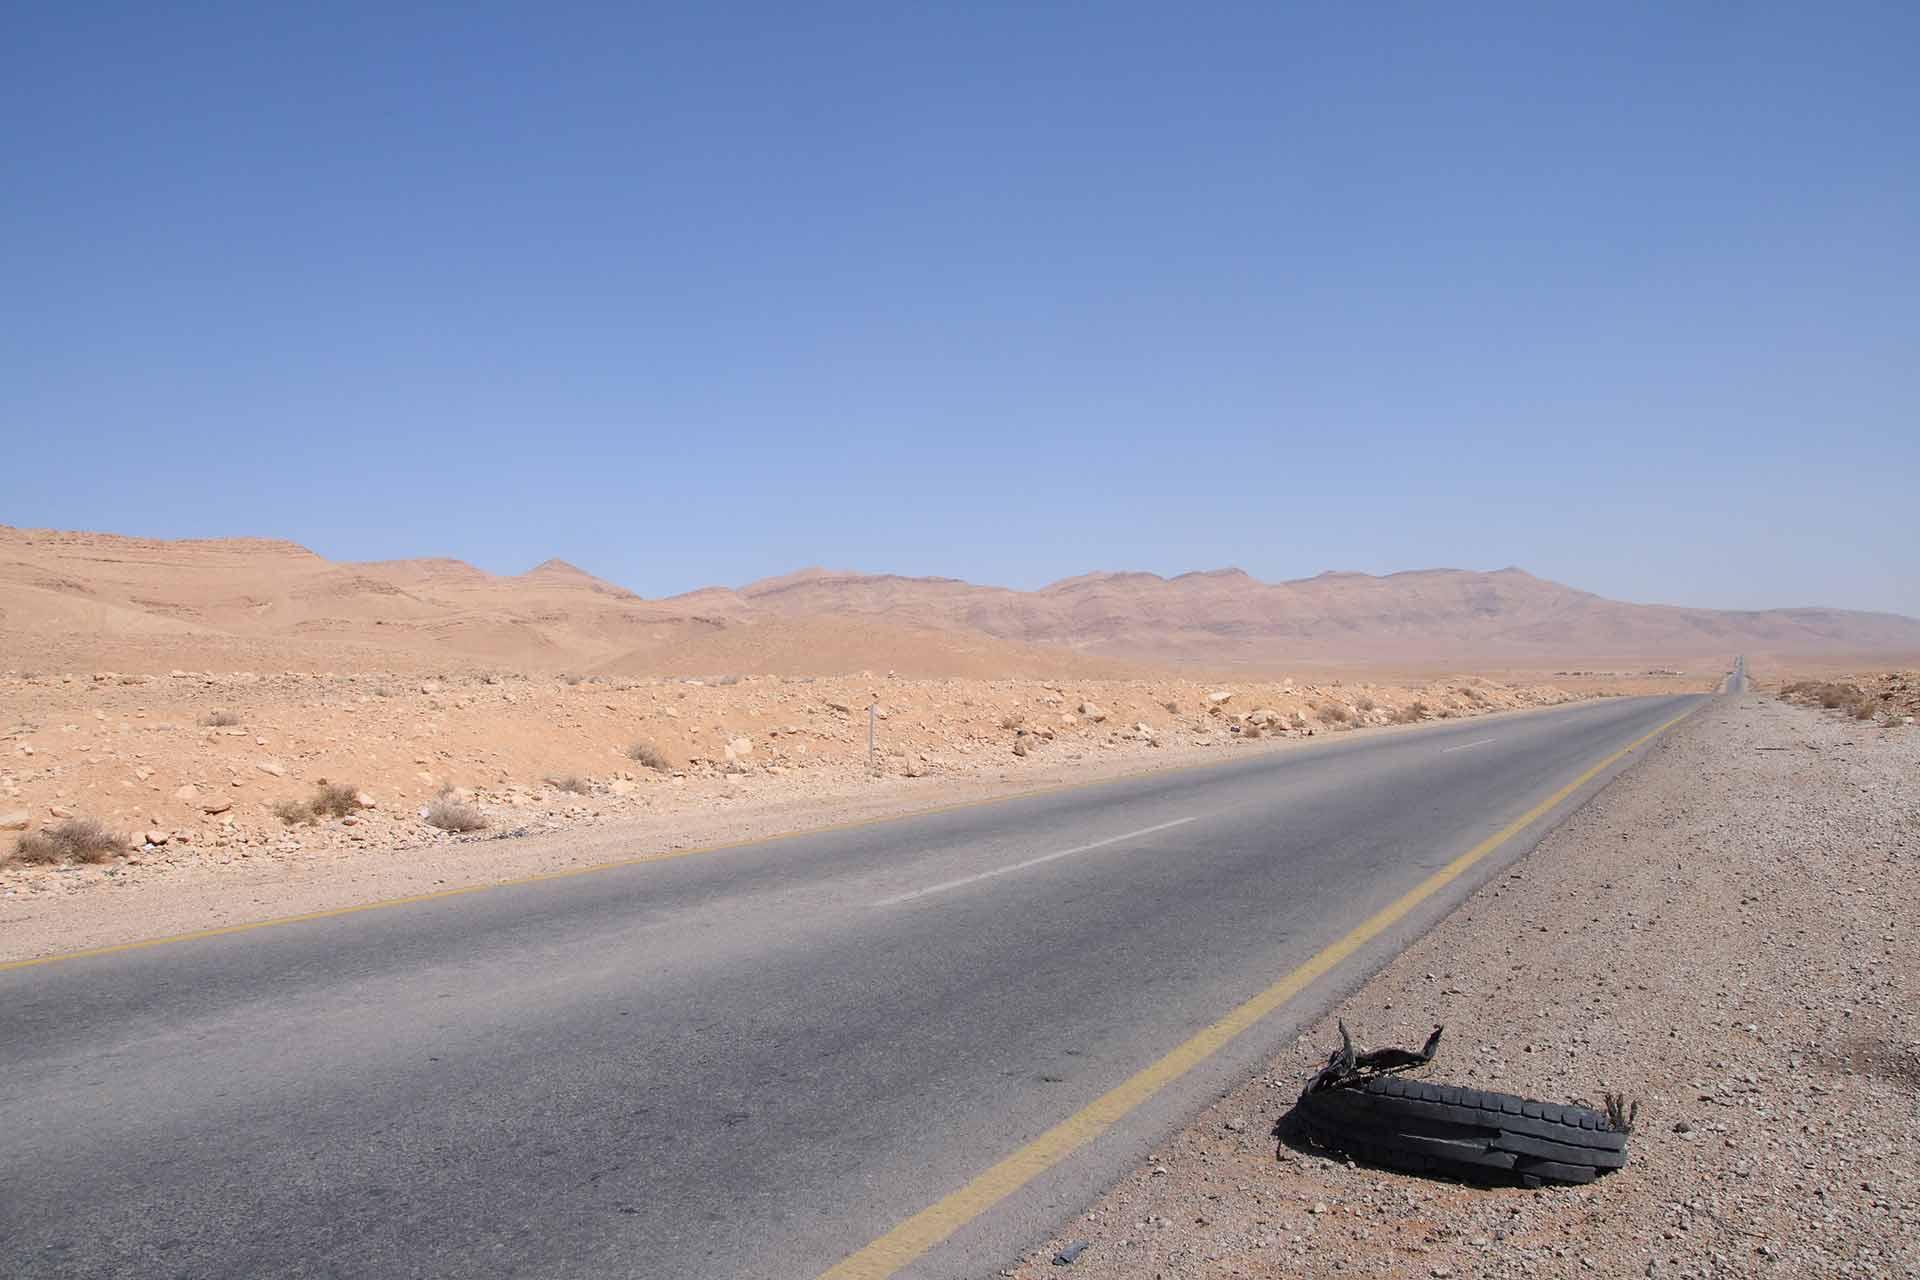 Summer Truck Maintenance: Desrt Road